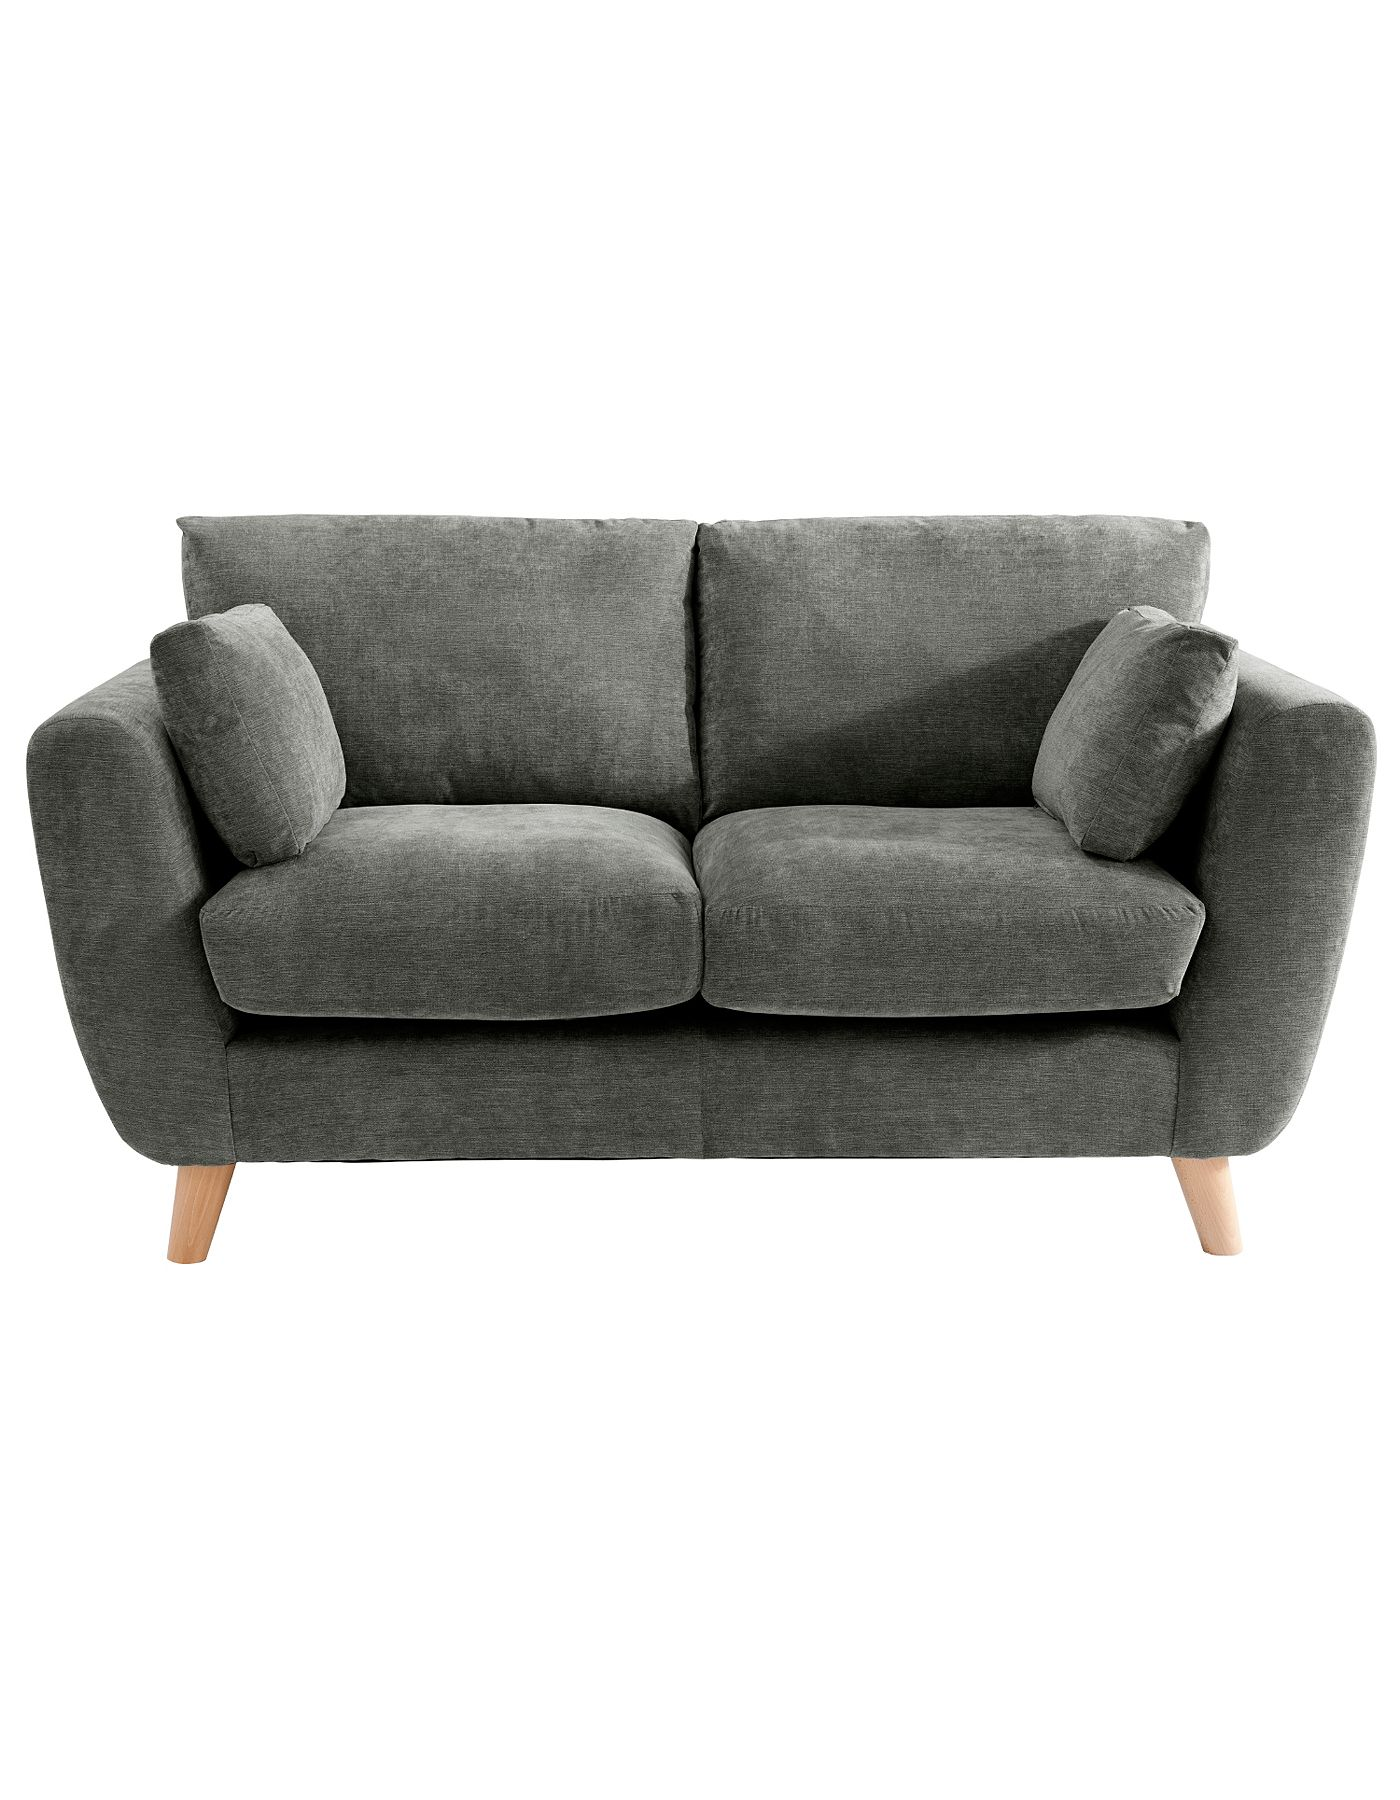 2 Seater Fabric Sofa Asda Brokeasshome Com